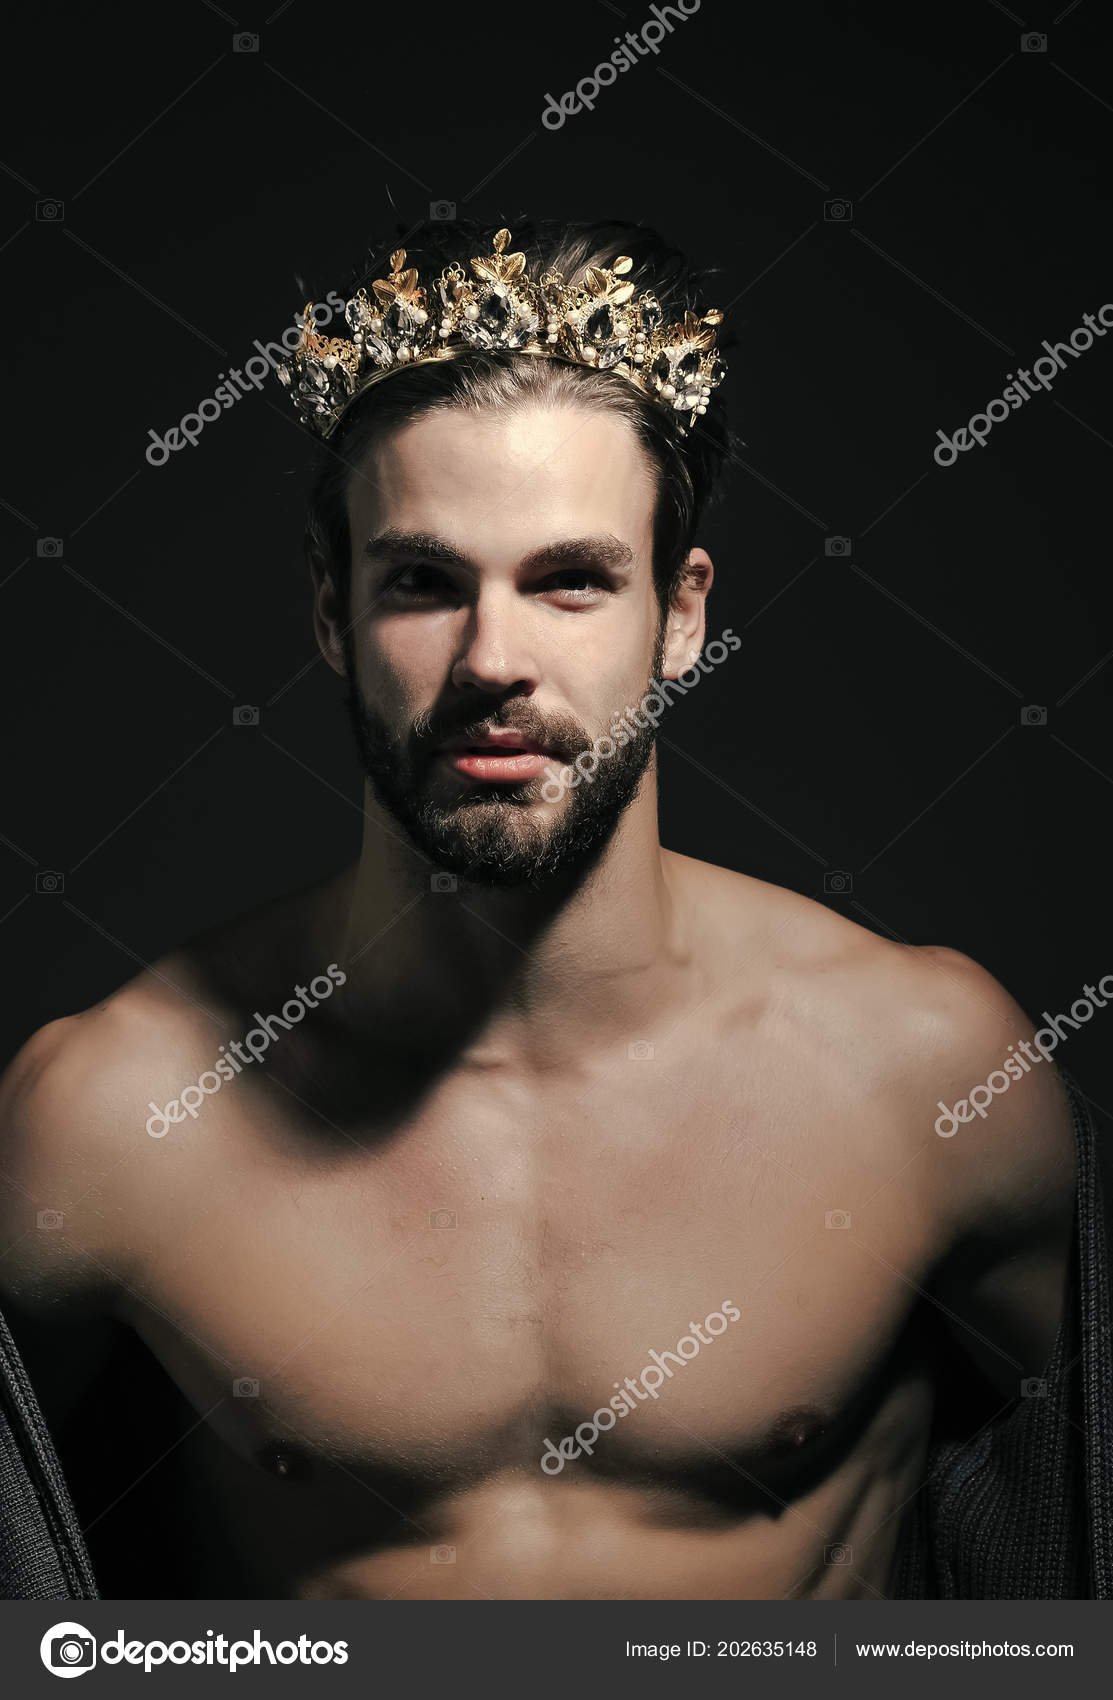 Γυμνό γκέι αρσενικό μοντέλα